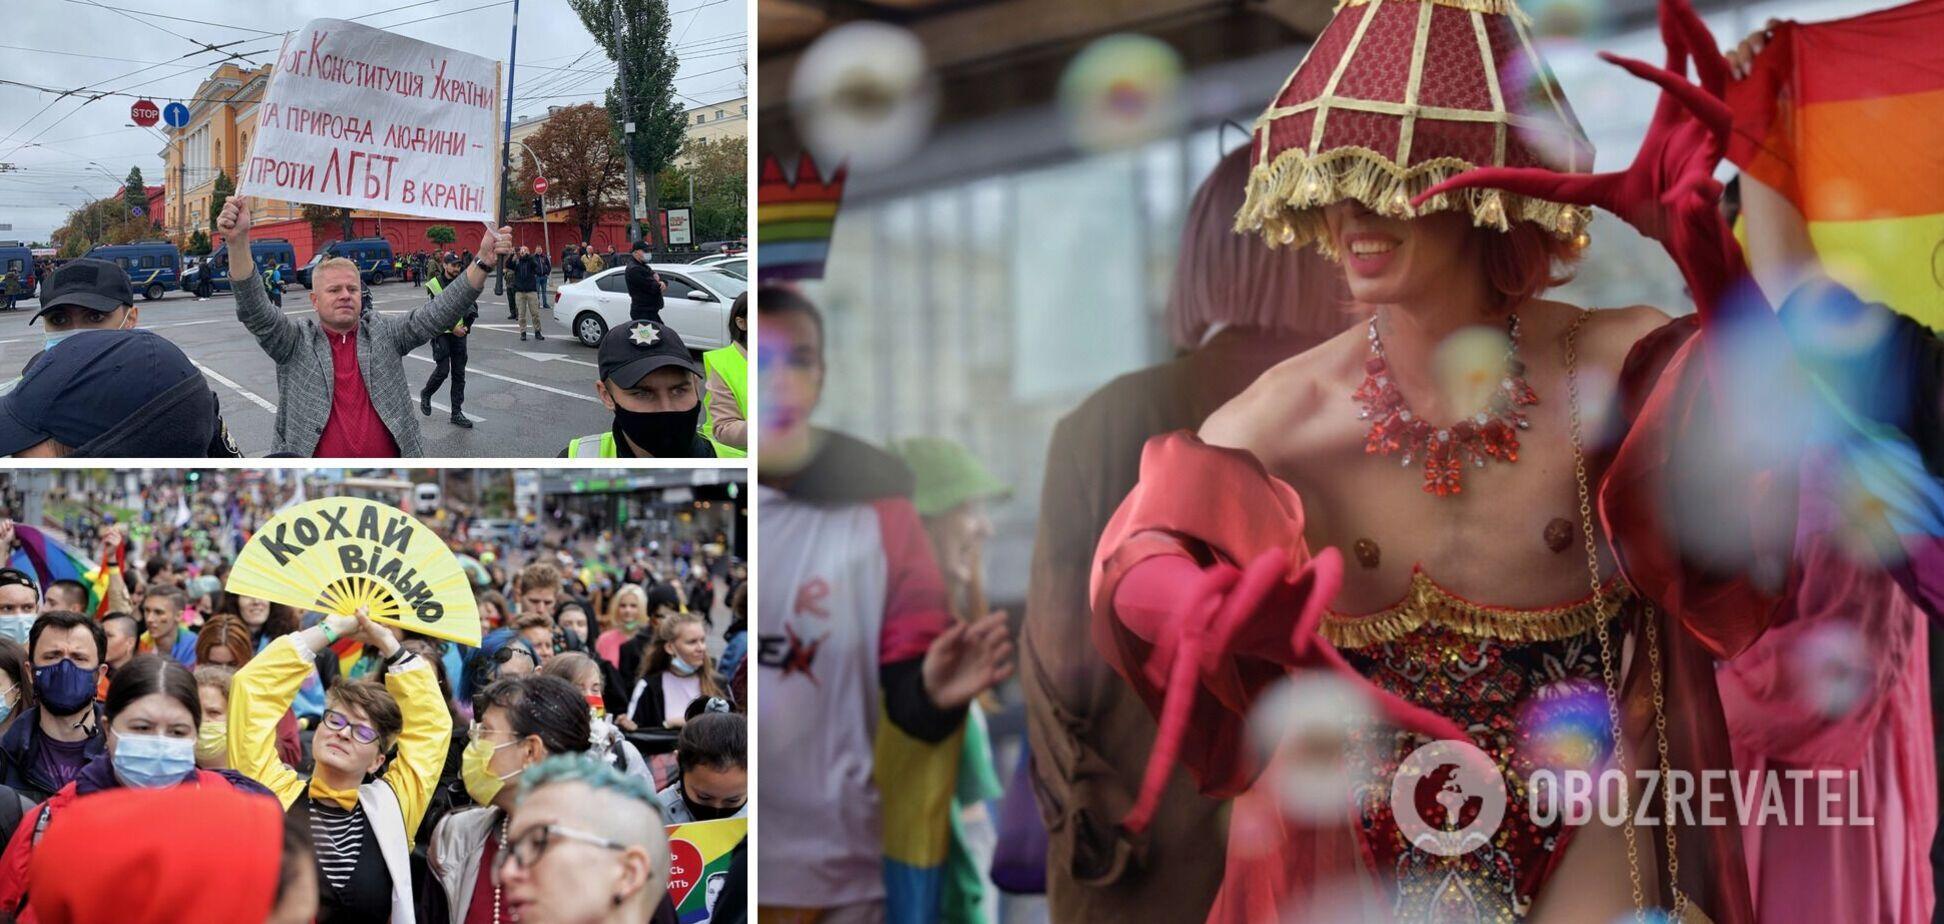 У Києві відбувся ЛГБТ-марш, не обійшлося без провокацій. Фото і відео